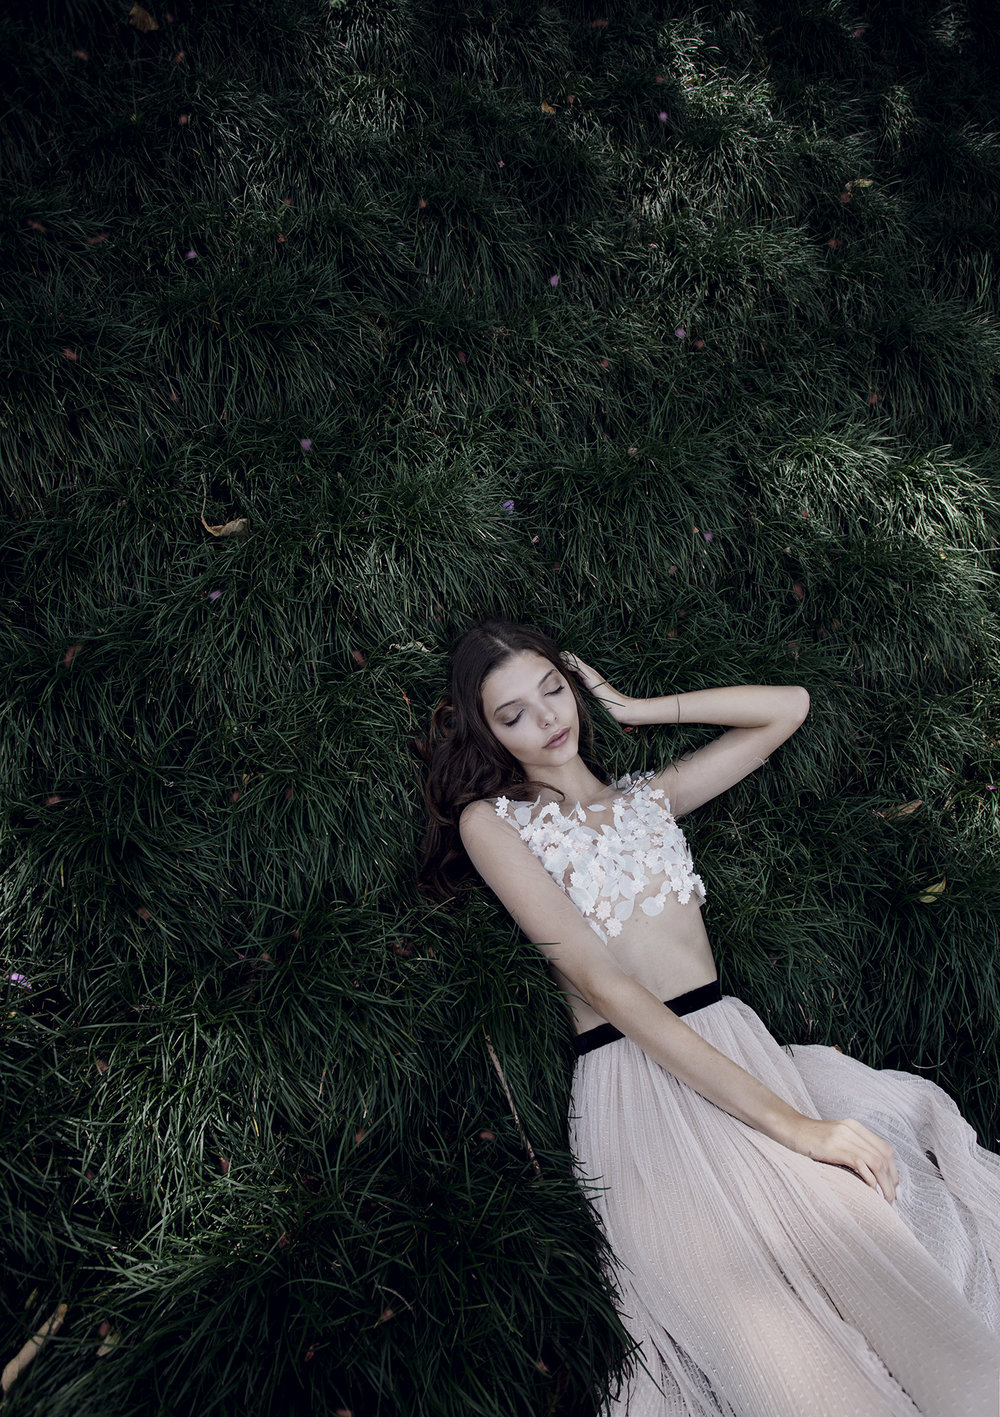 moonflower tale 1 72dpi.jpg